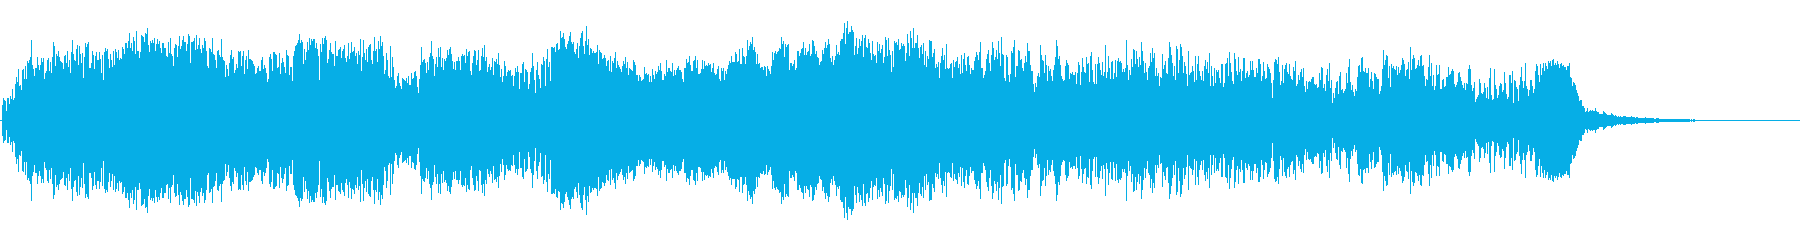 インターフェロンの再生済みの波形